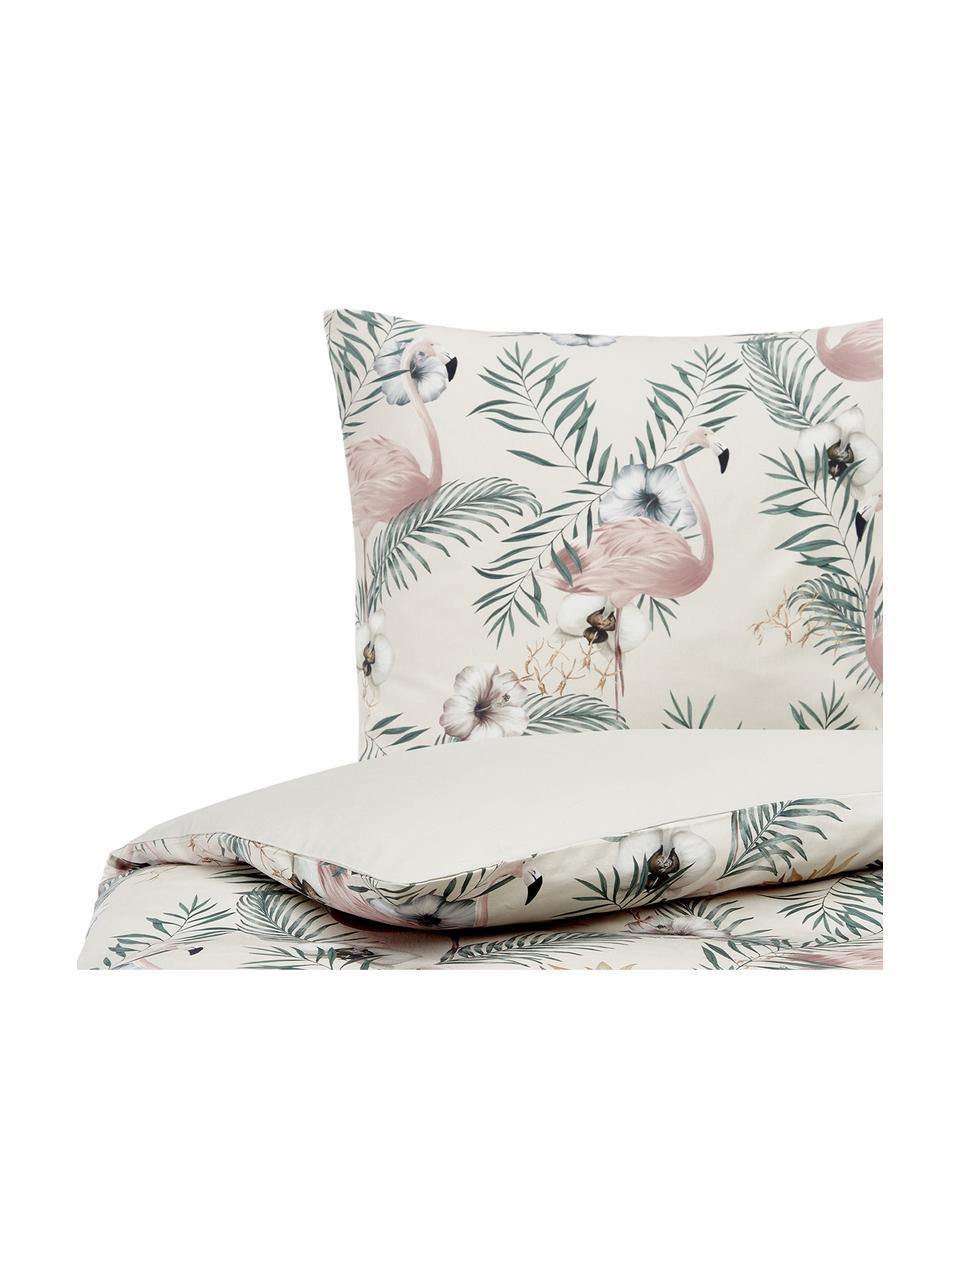 Pościel z satyny bawełnianej Elliana, Beżowy, blady różowy, zielony, 240 x 220 cm + 2 poduszki 80 x 80 cm